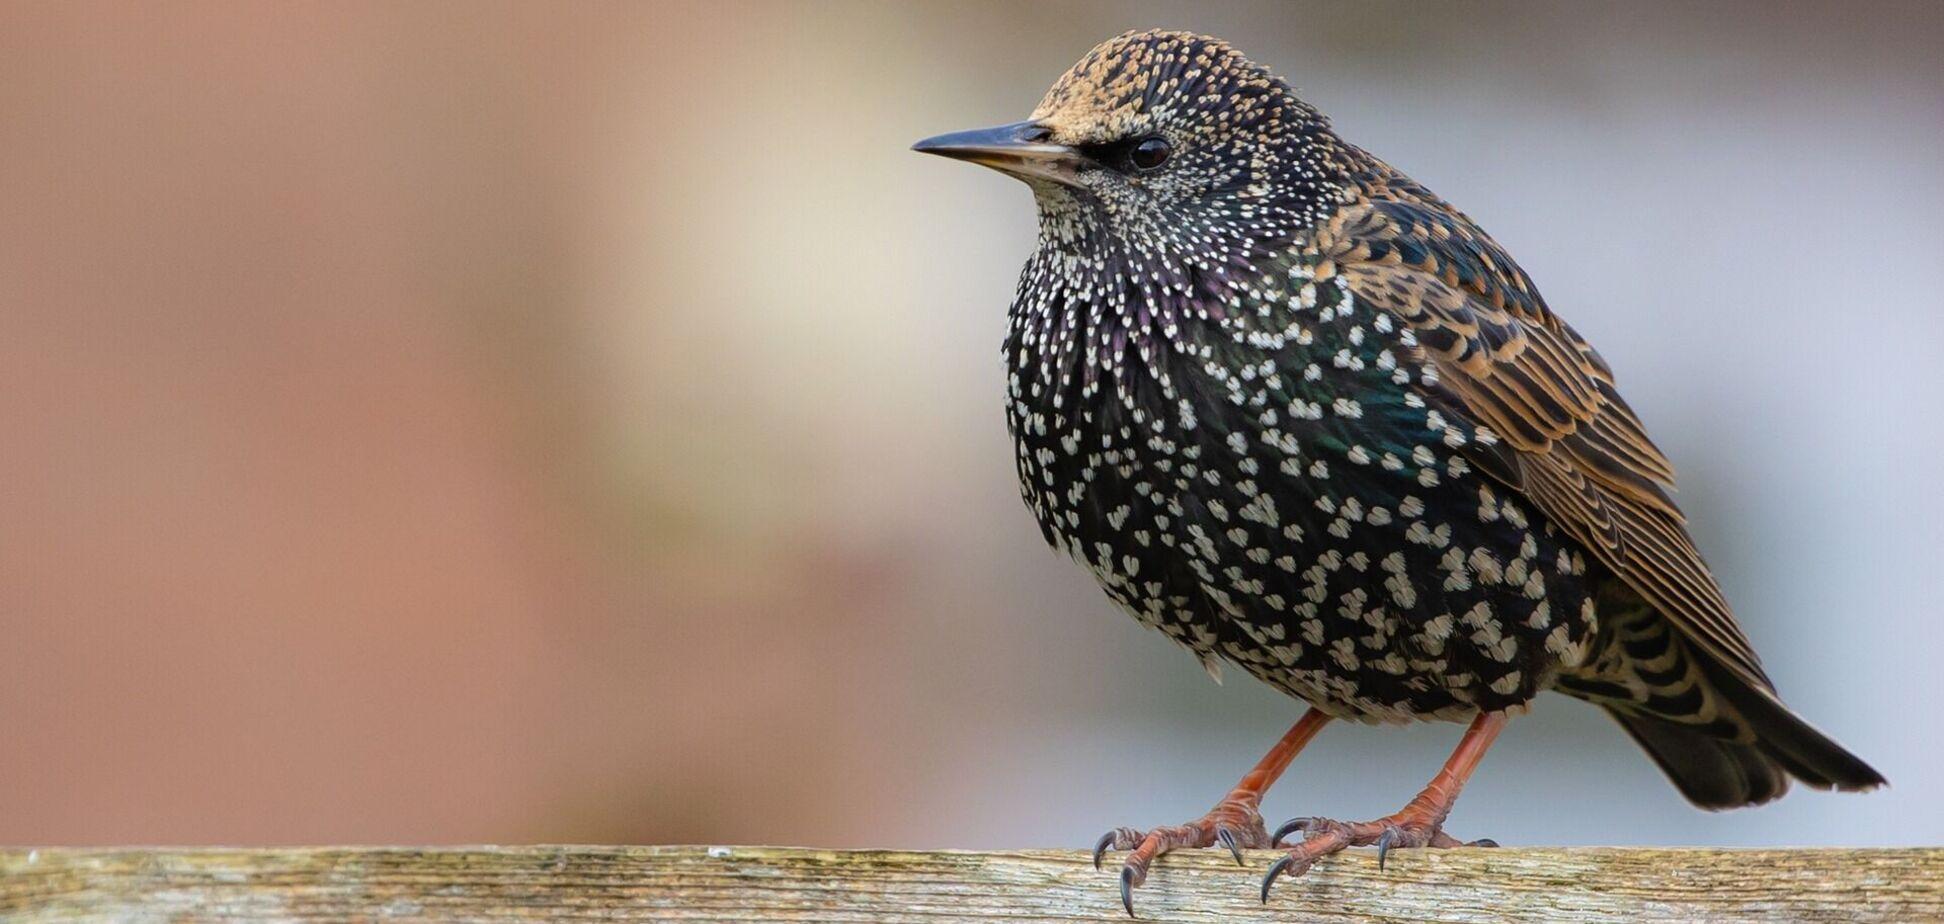 Сотни скворцов слетелись в небе в форме птицы. Удивительное видео